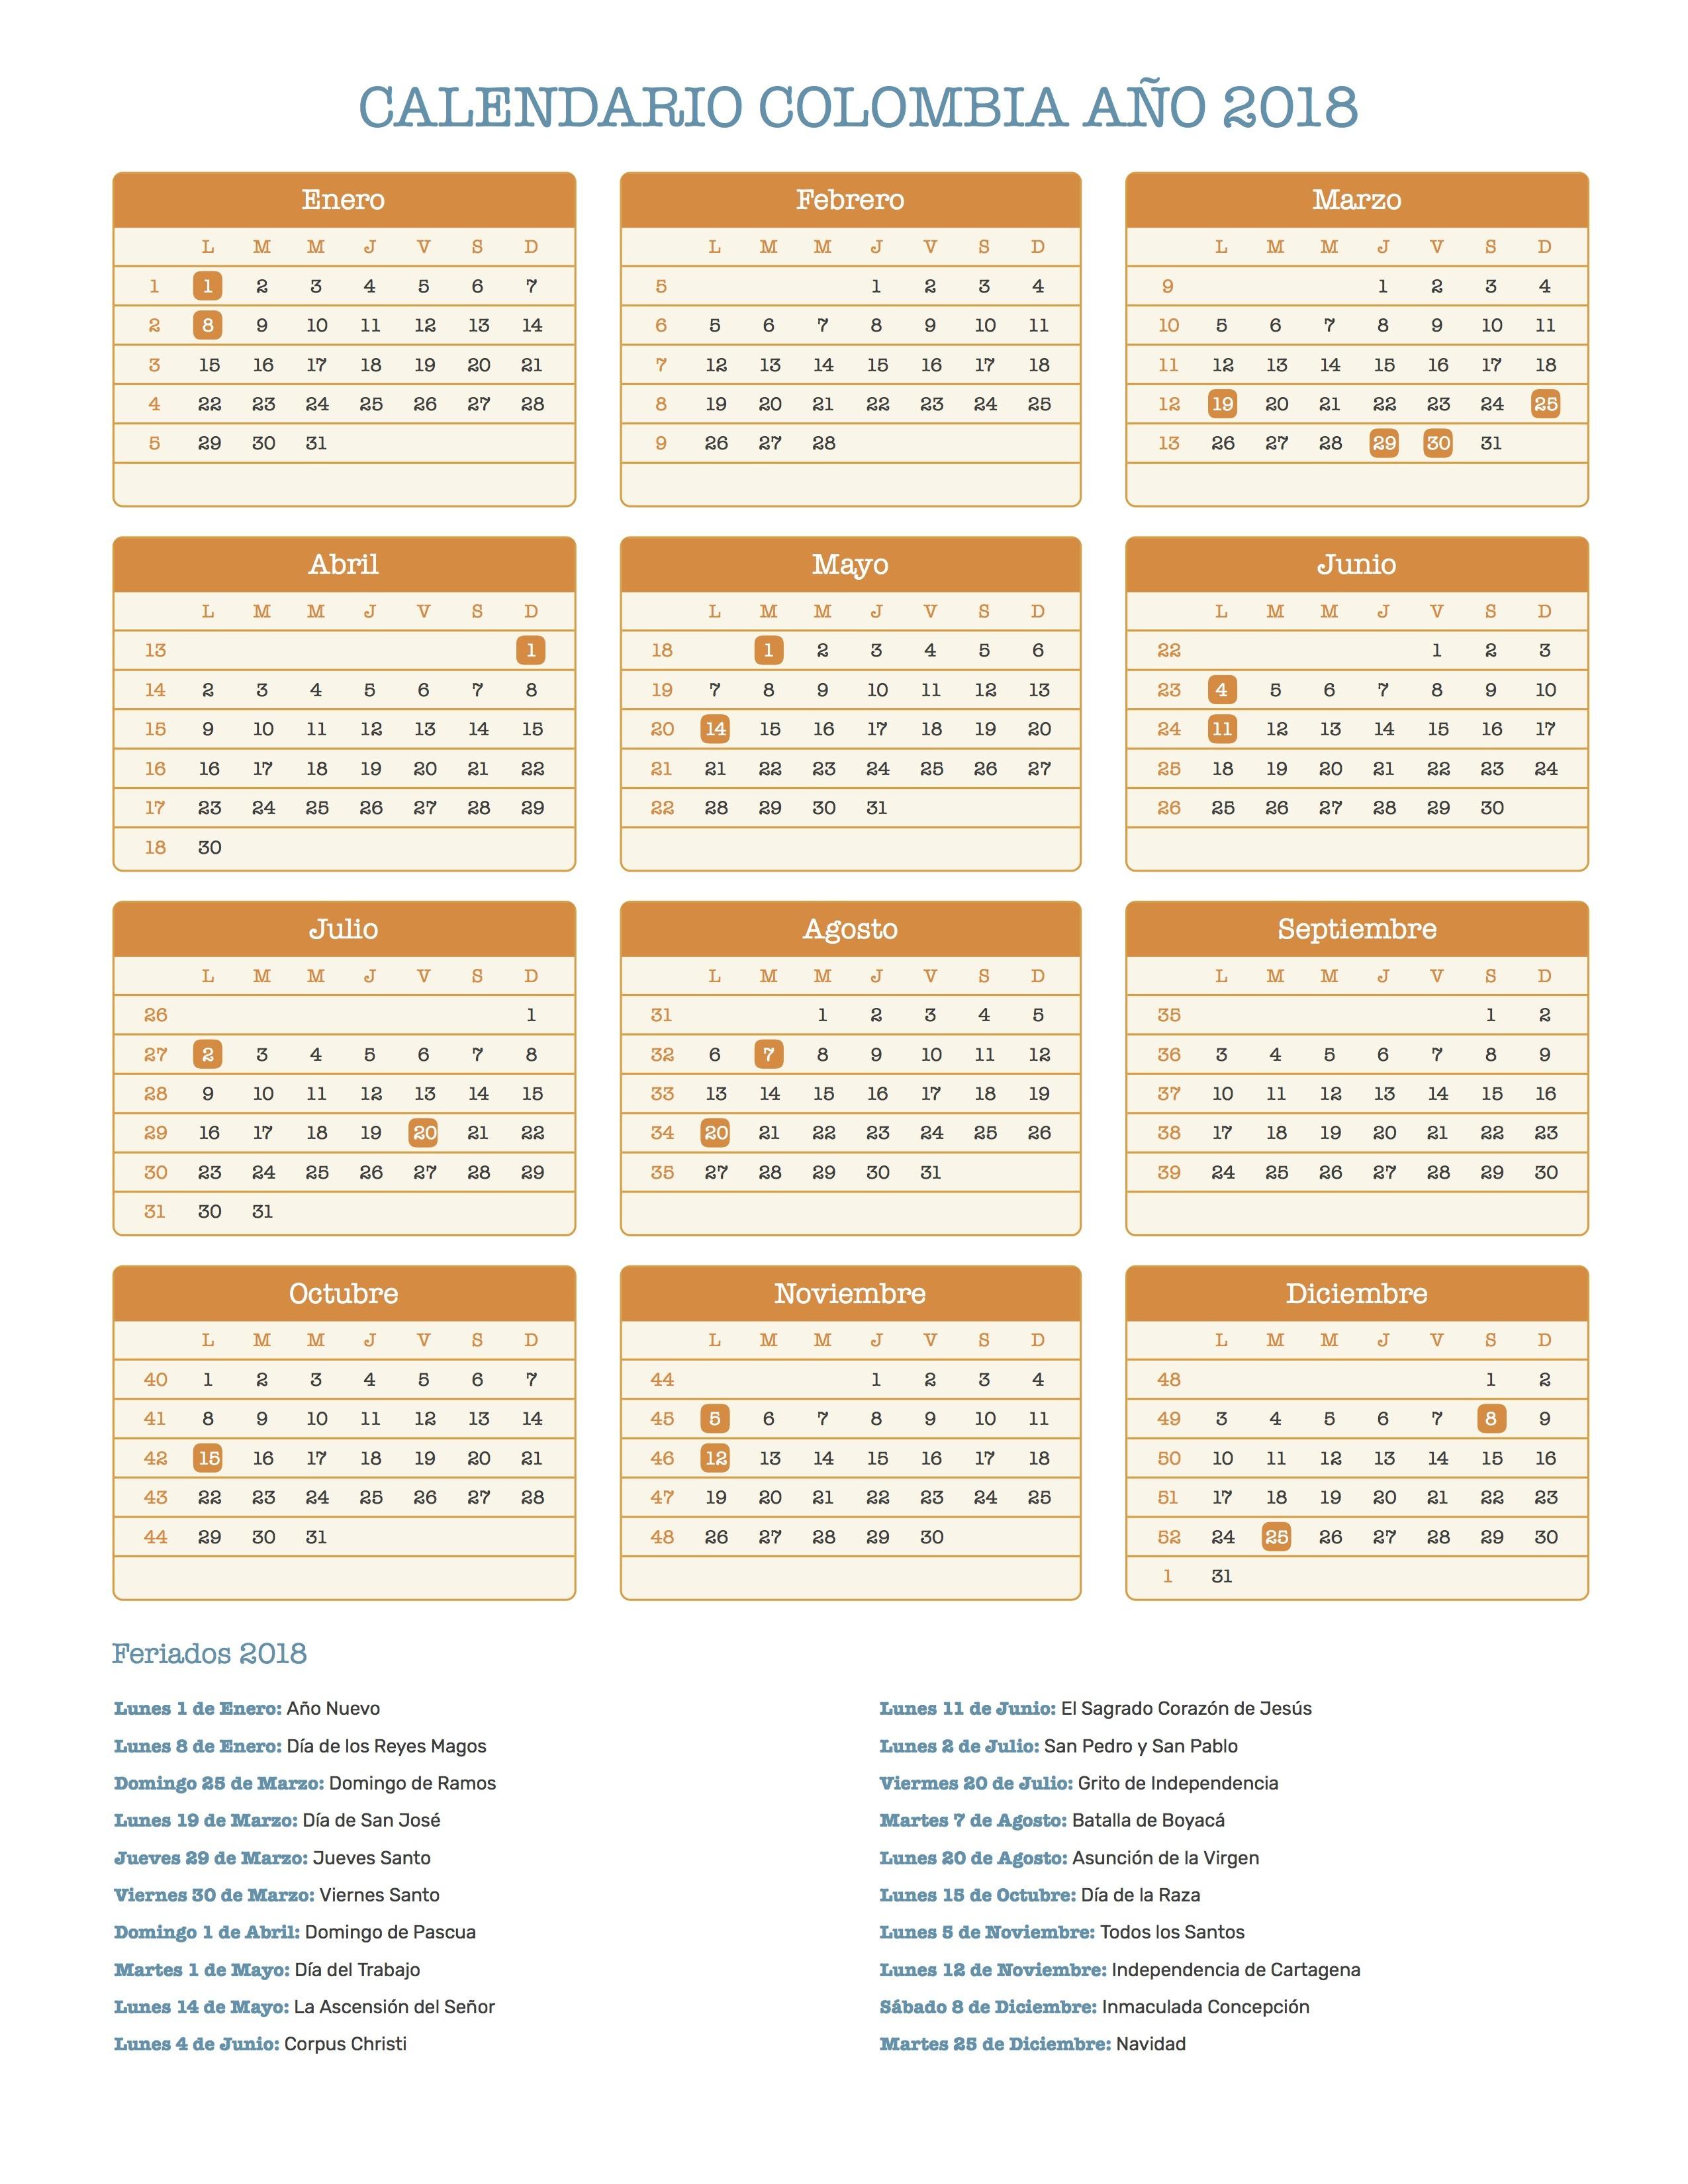 Calendário De 2019 Com Feriados Nacionais Actual Calendario Octubre 2018 Colombia T Of Calendário De 2019 Com Feriados Nacionais Más Actual Calendario 2016 Ms De Abril Mickey E Minnie T